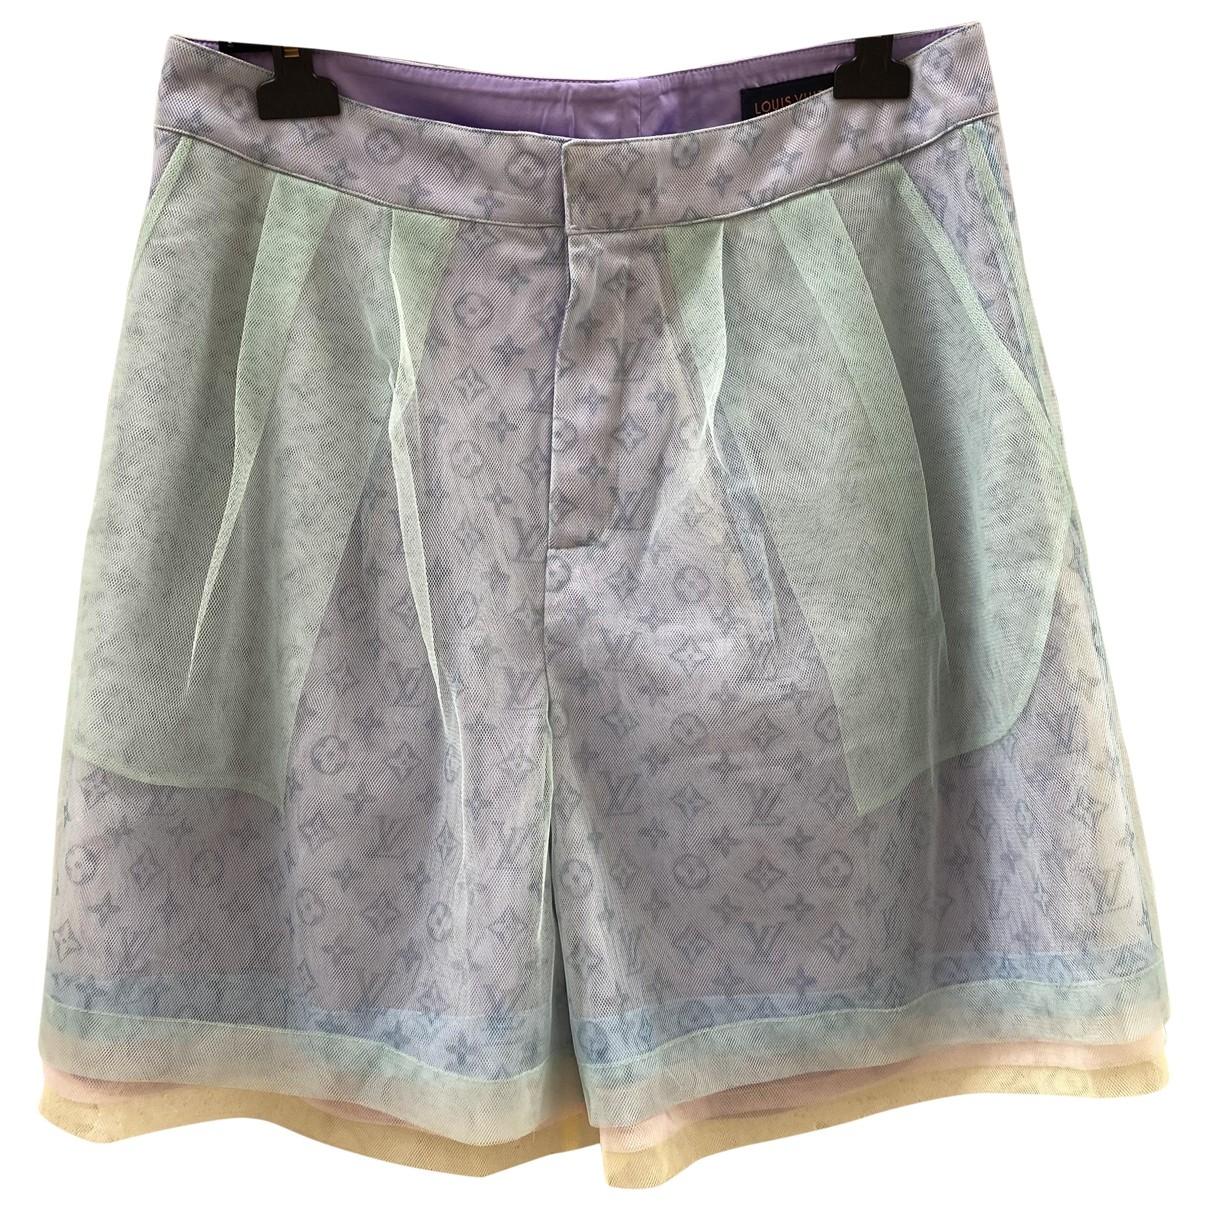 Pantalon corto Louis Vuitton